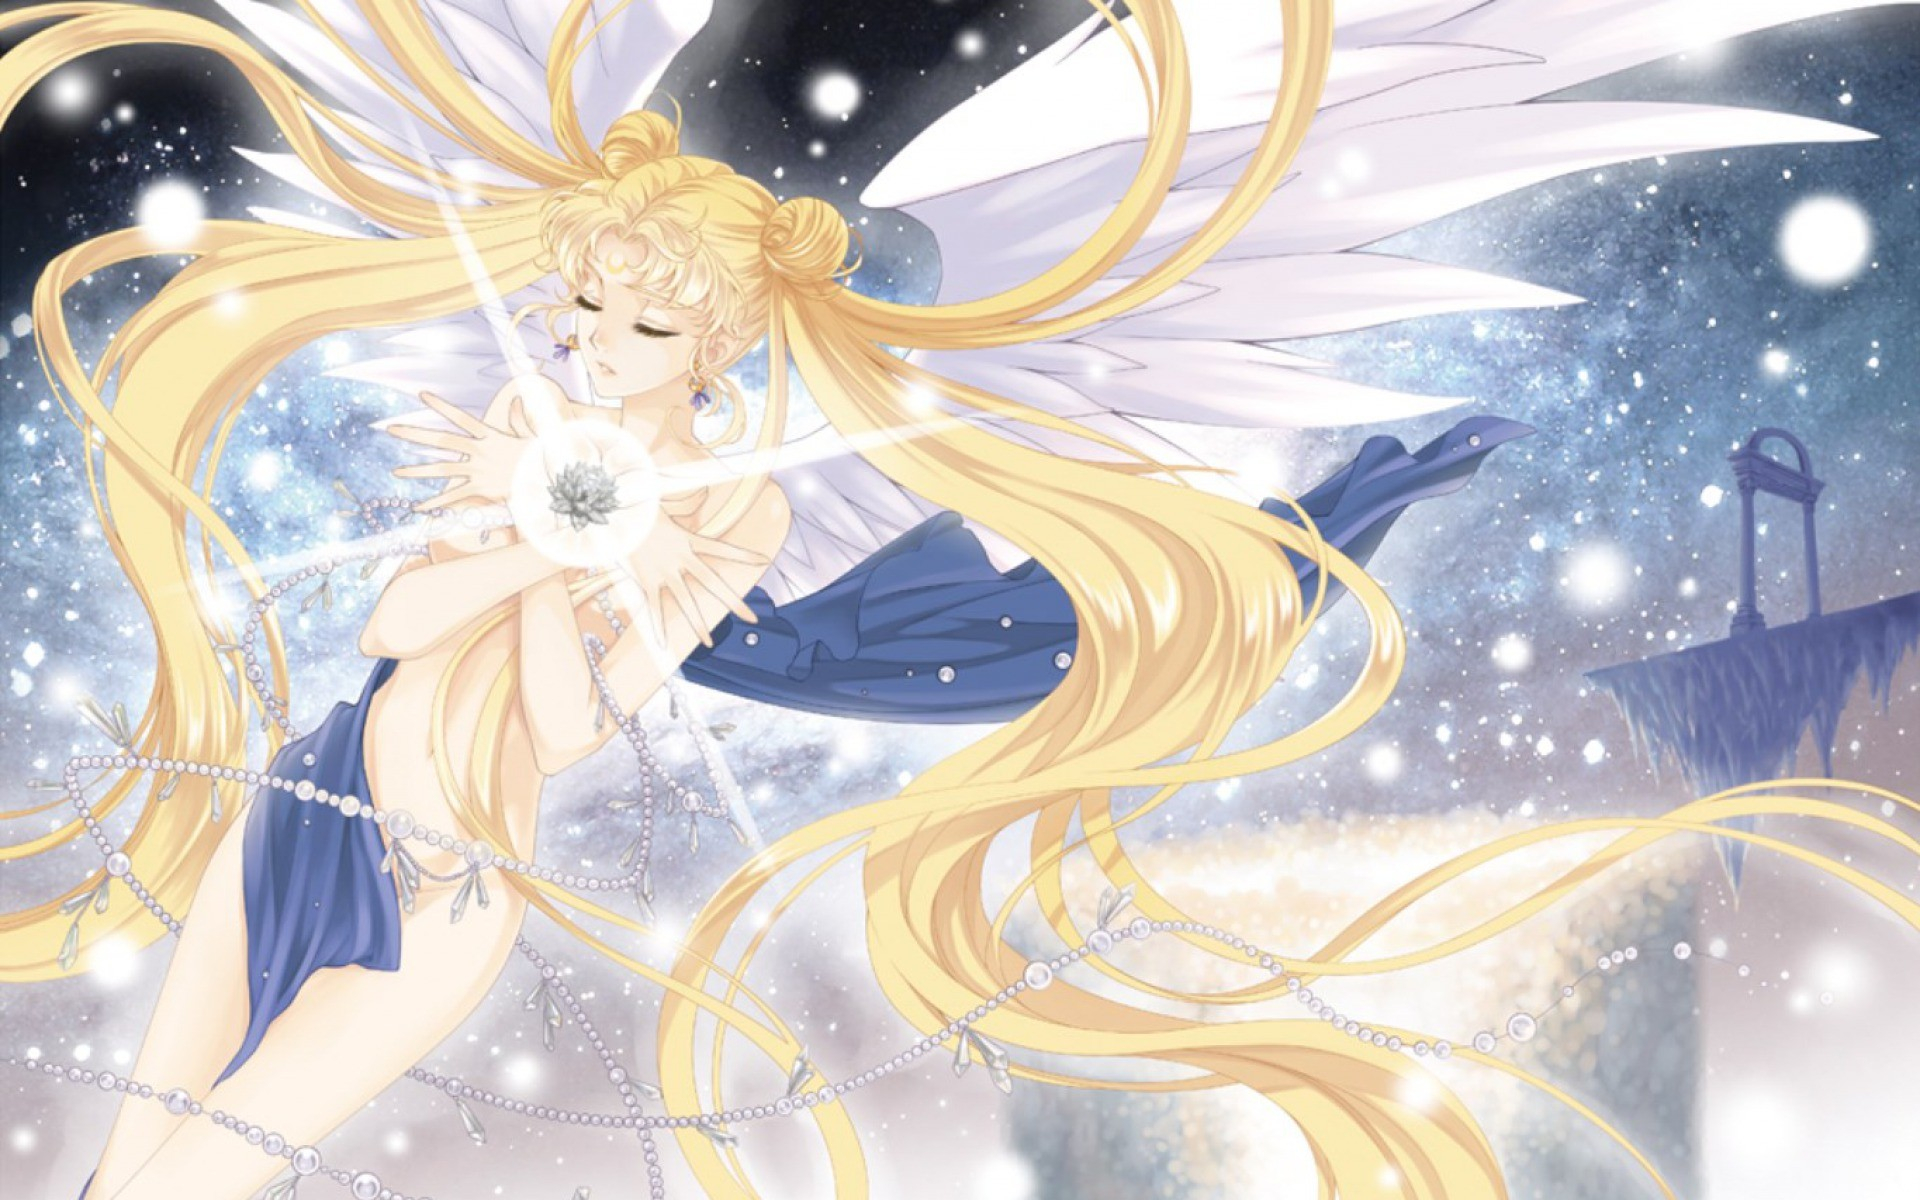 Sailor Moon HD Wallpaper 1920×1080 – WallpaperSafari